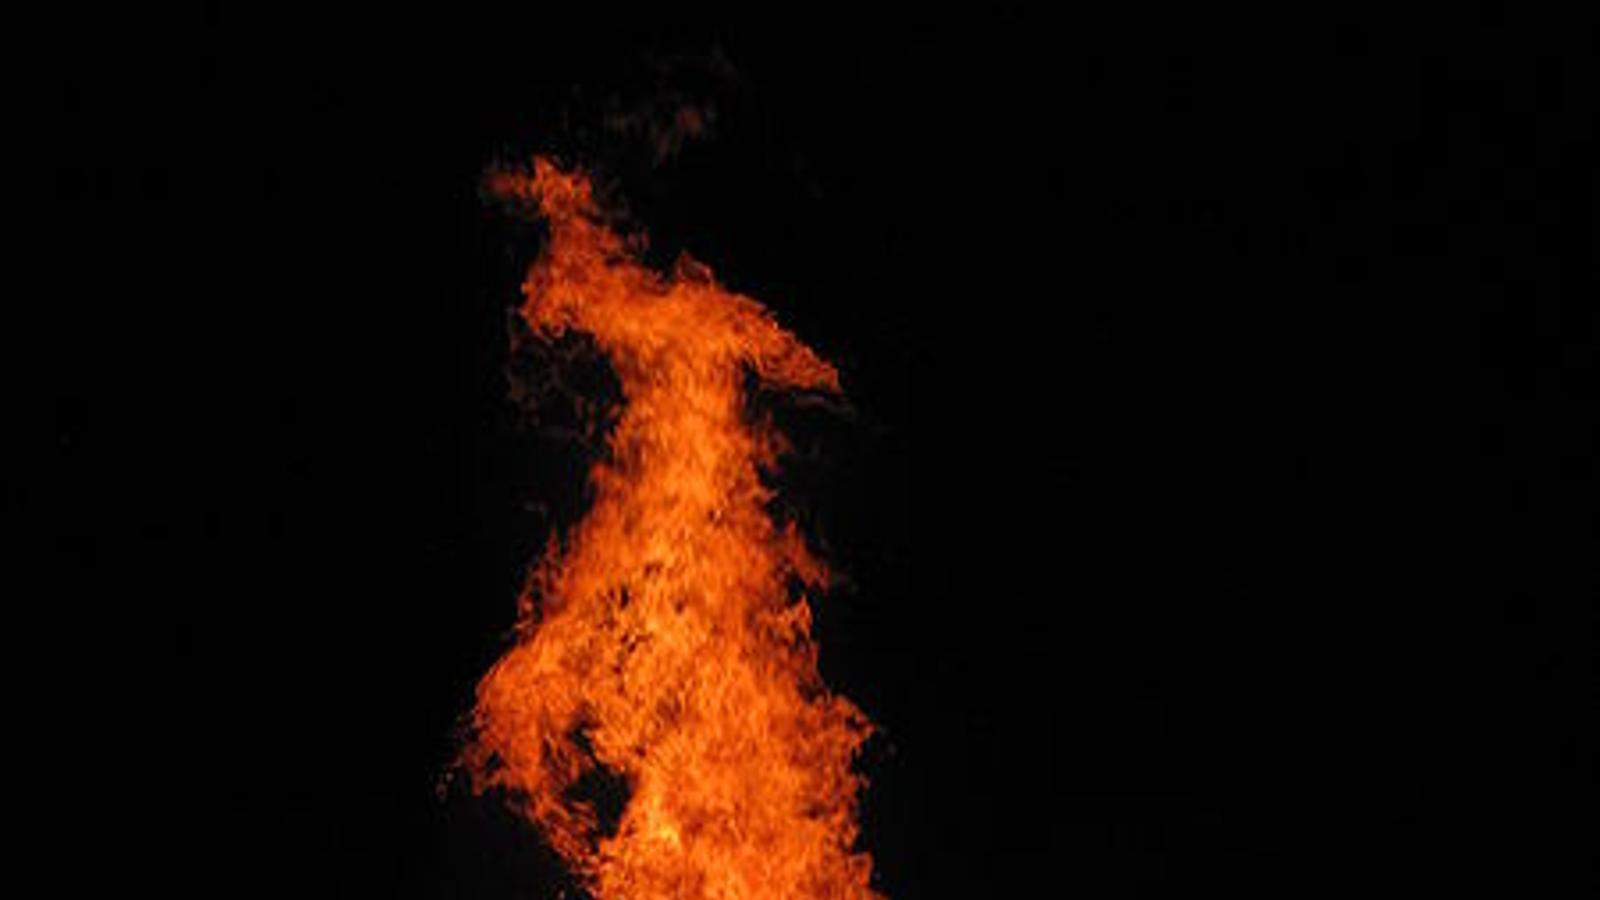 Coses que cremaré a la foguera / YONINAH